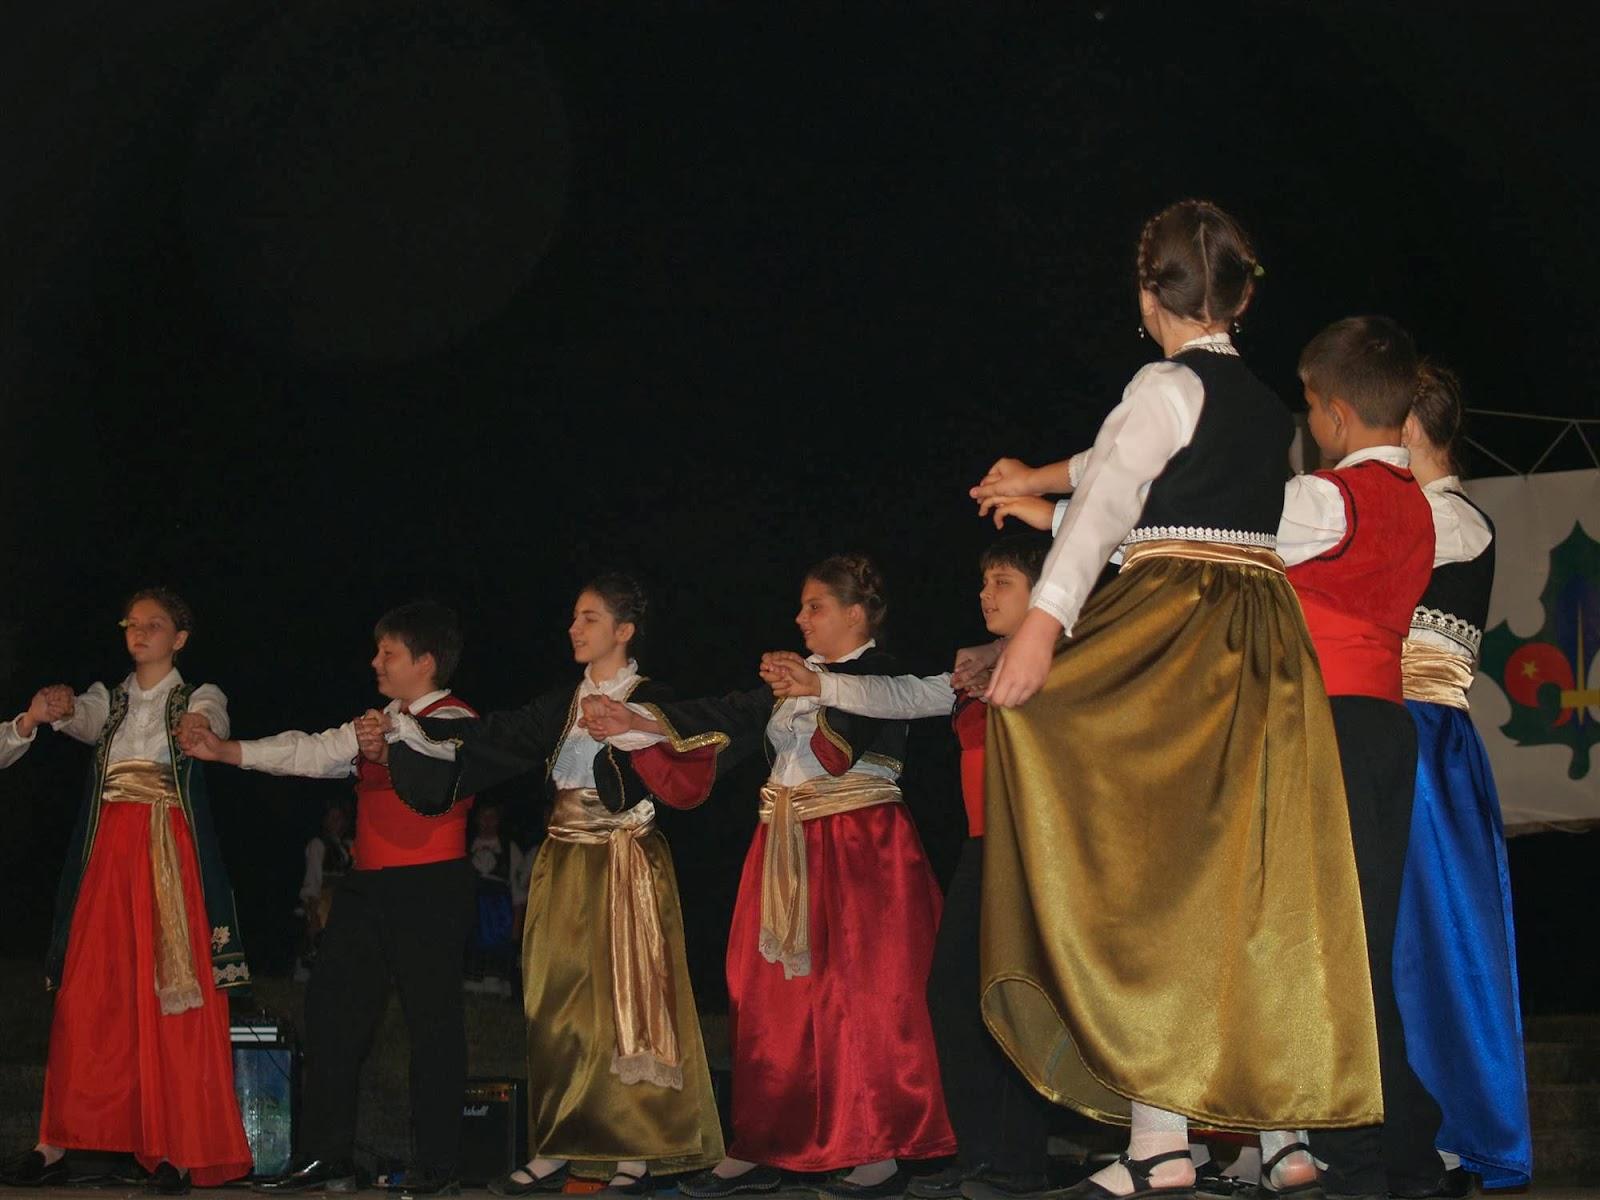 Smotra, Smotra 2006 - P0262110.JPG